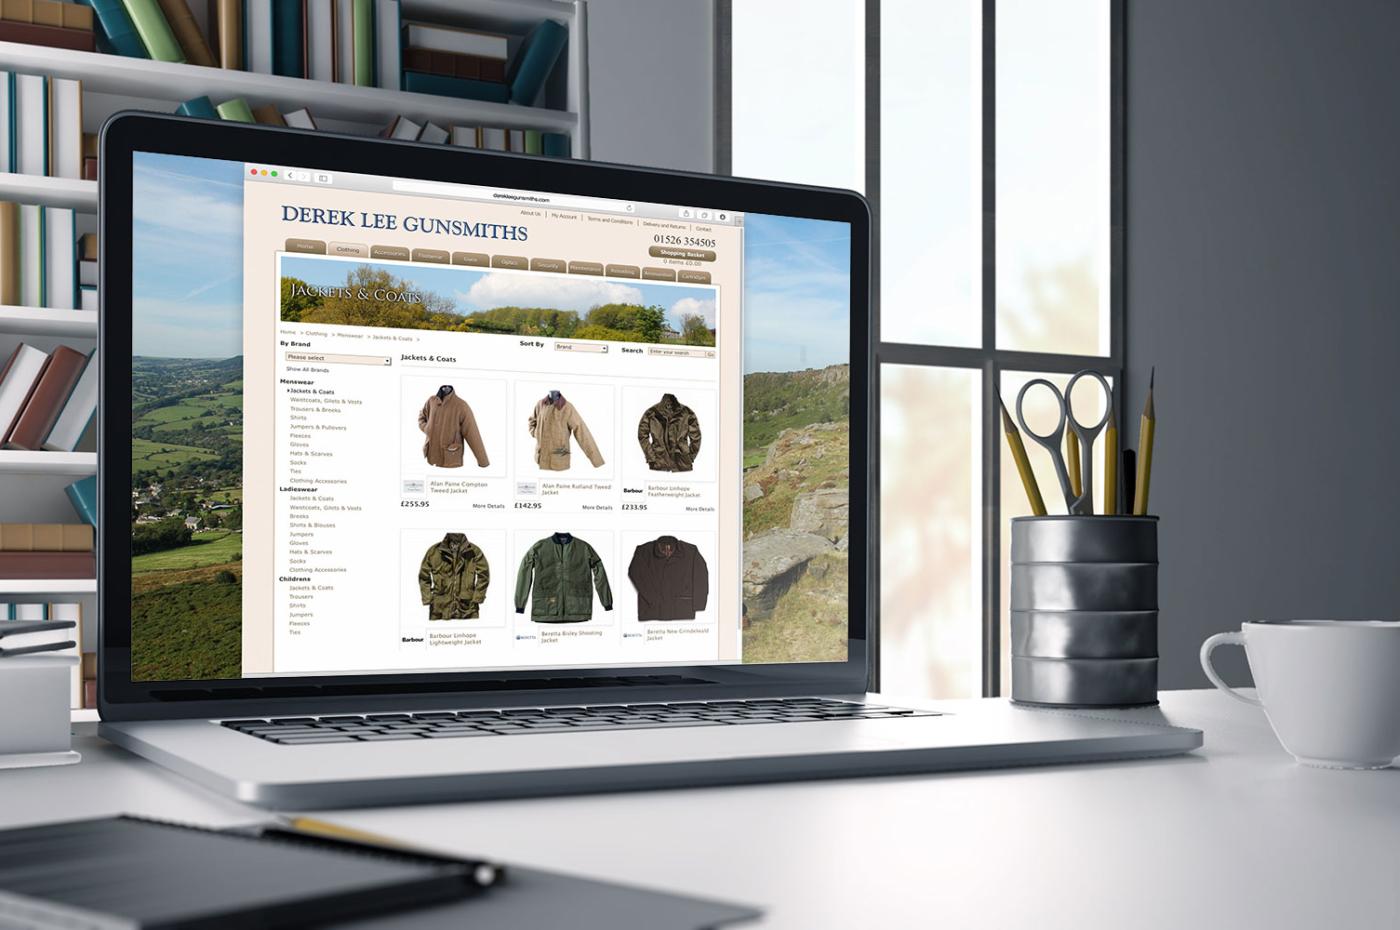 Derek Lee gunsmiths ecommerce website screenshot